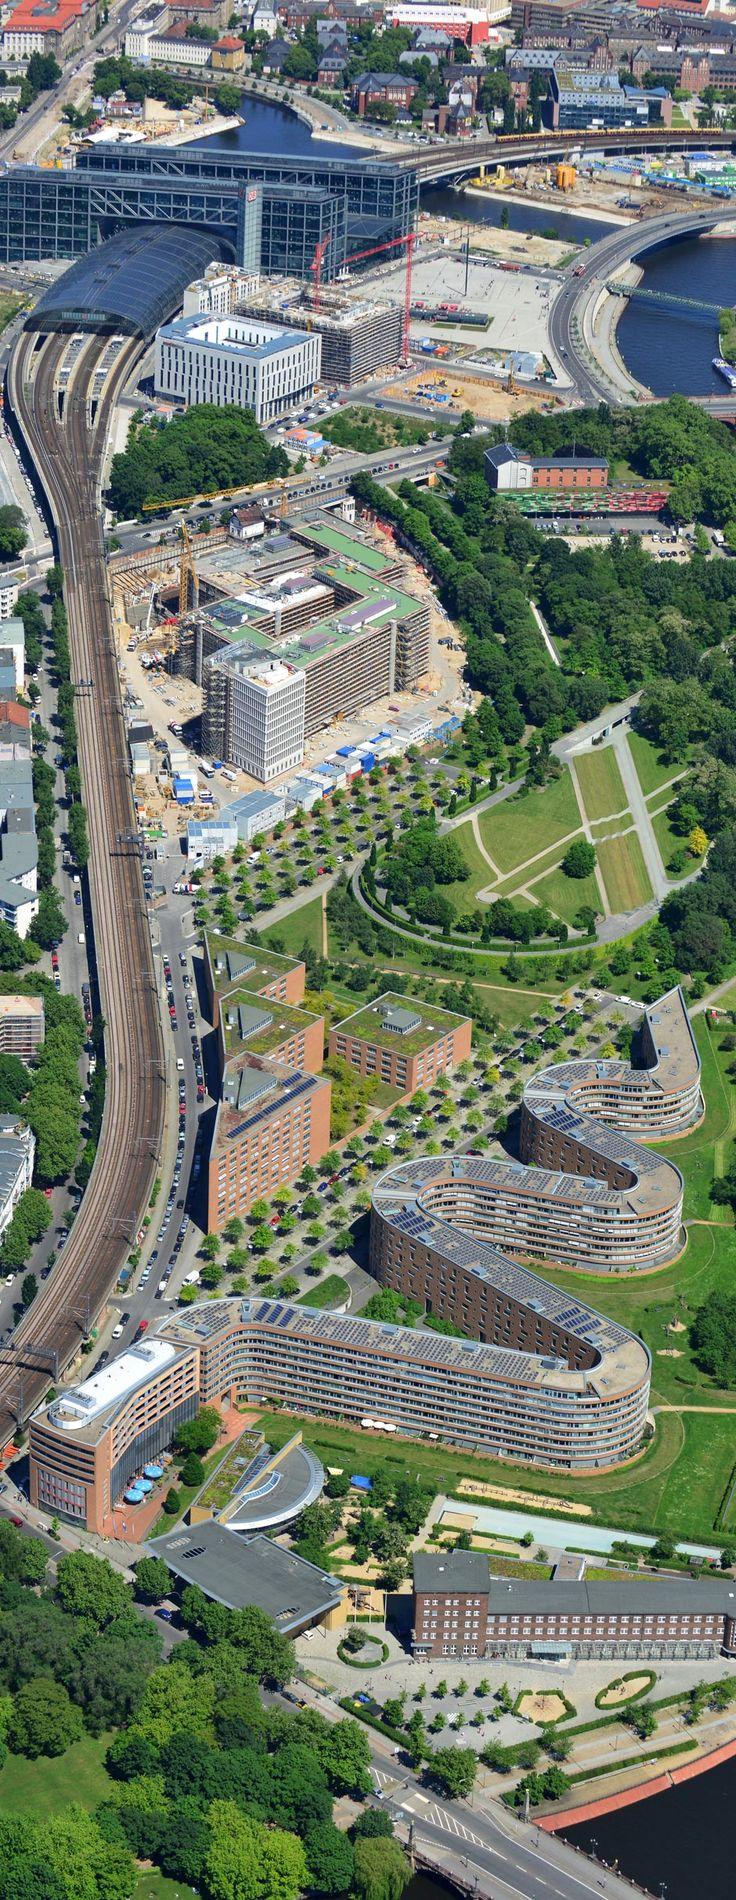 ღღ Wohnhaus am Moabiter Werder am Spreeufer in Berlin. Im Hintergrund der Berliner Hauptbahnhof.